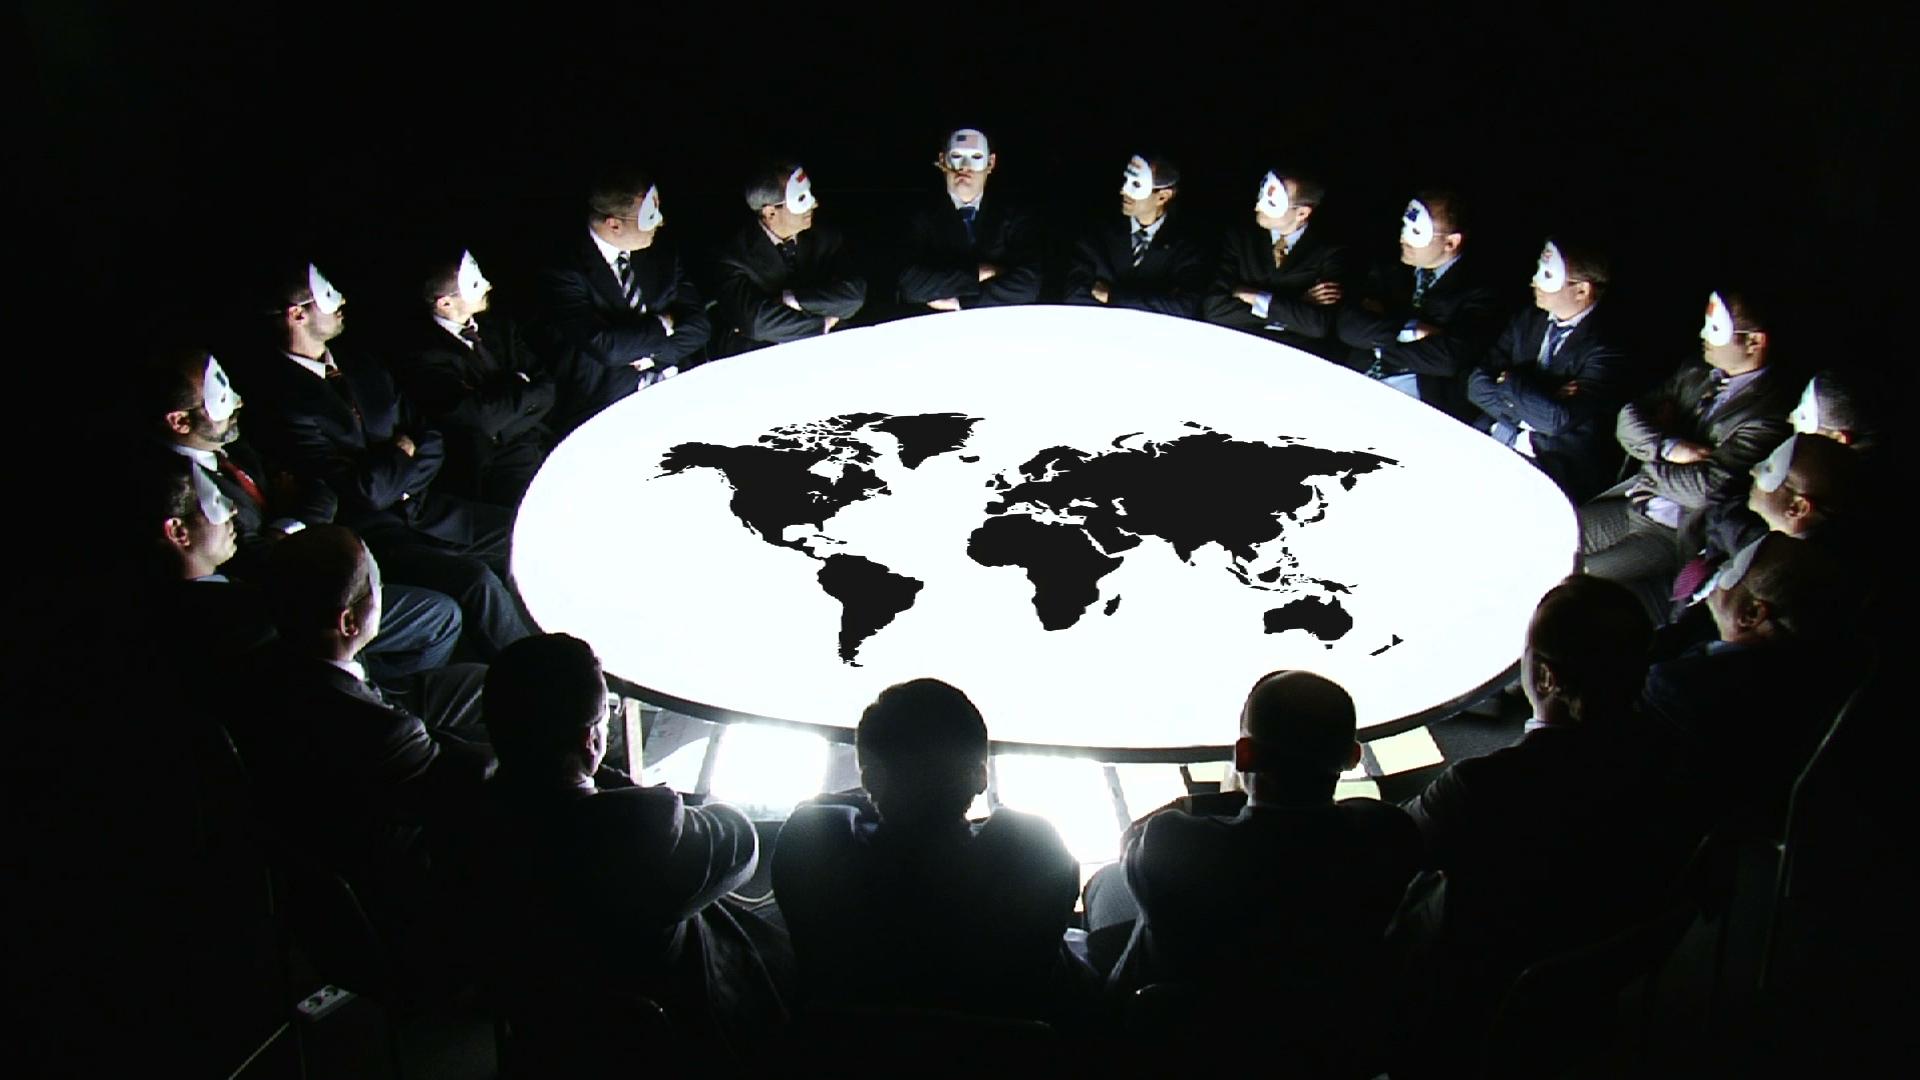 Суррогат мирового порядка